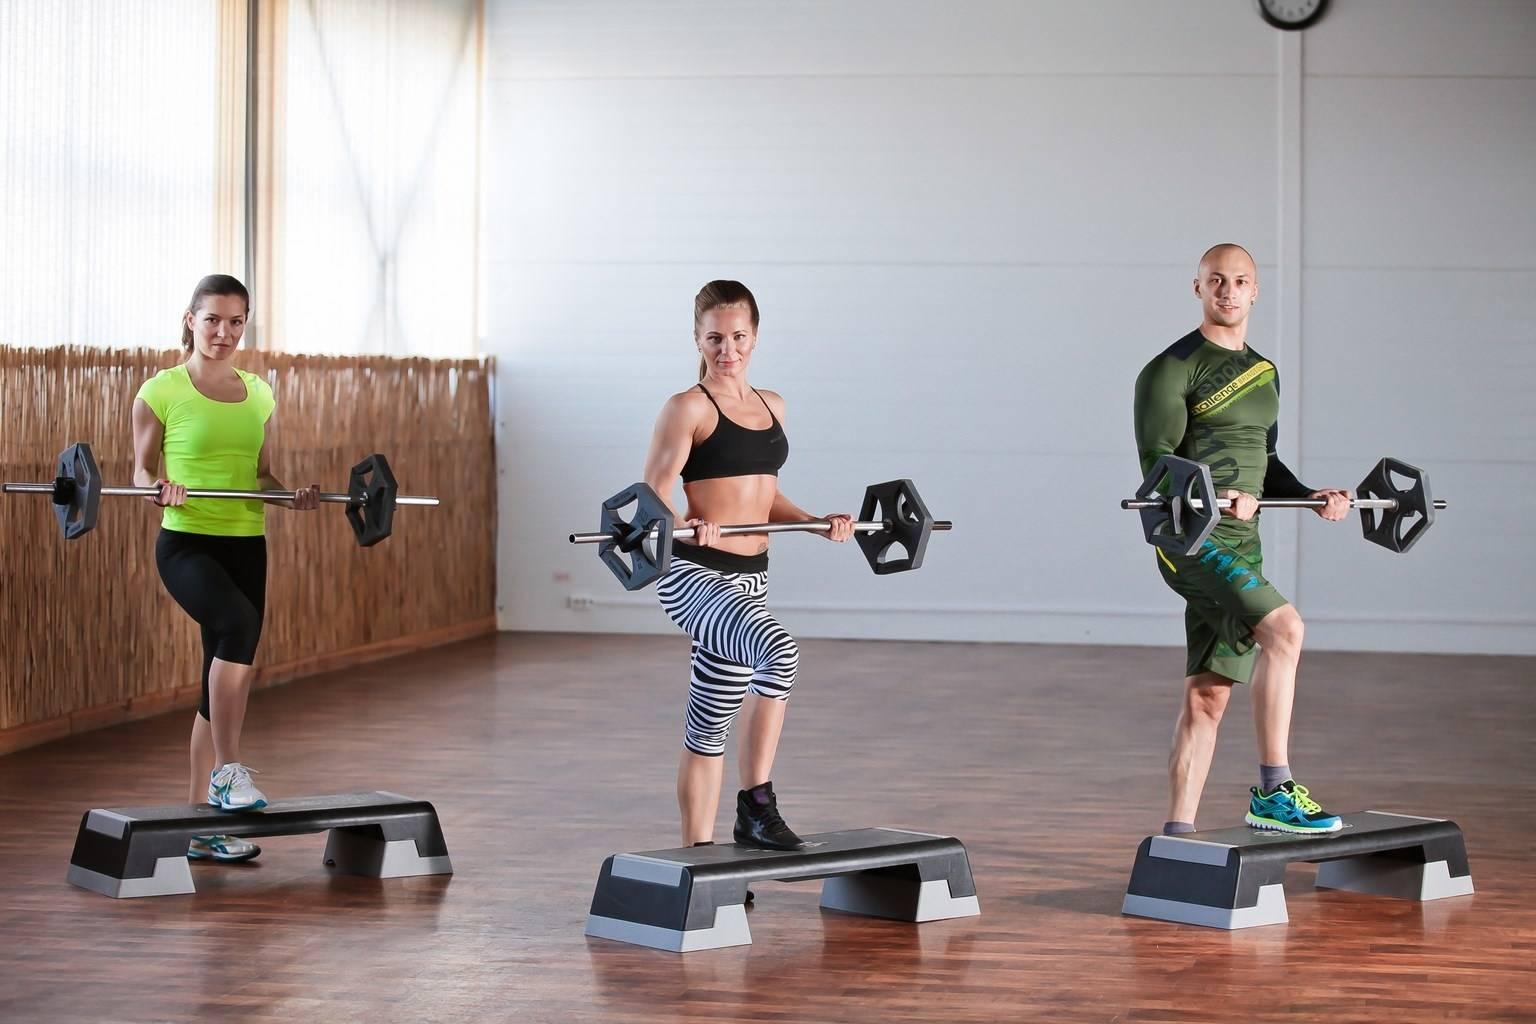 Hot iron тренировка для похудения. преимущества. виды занятий.